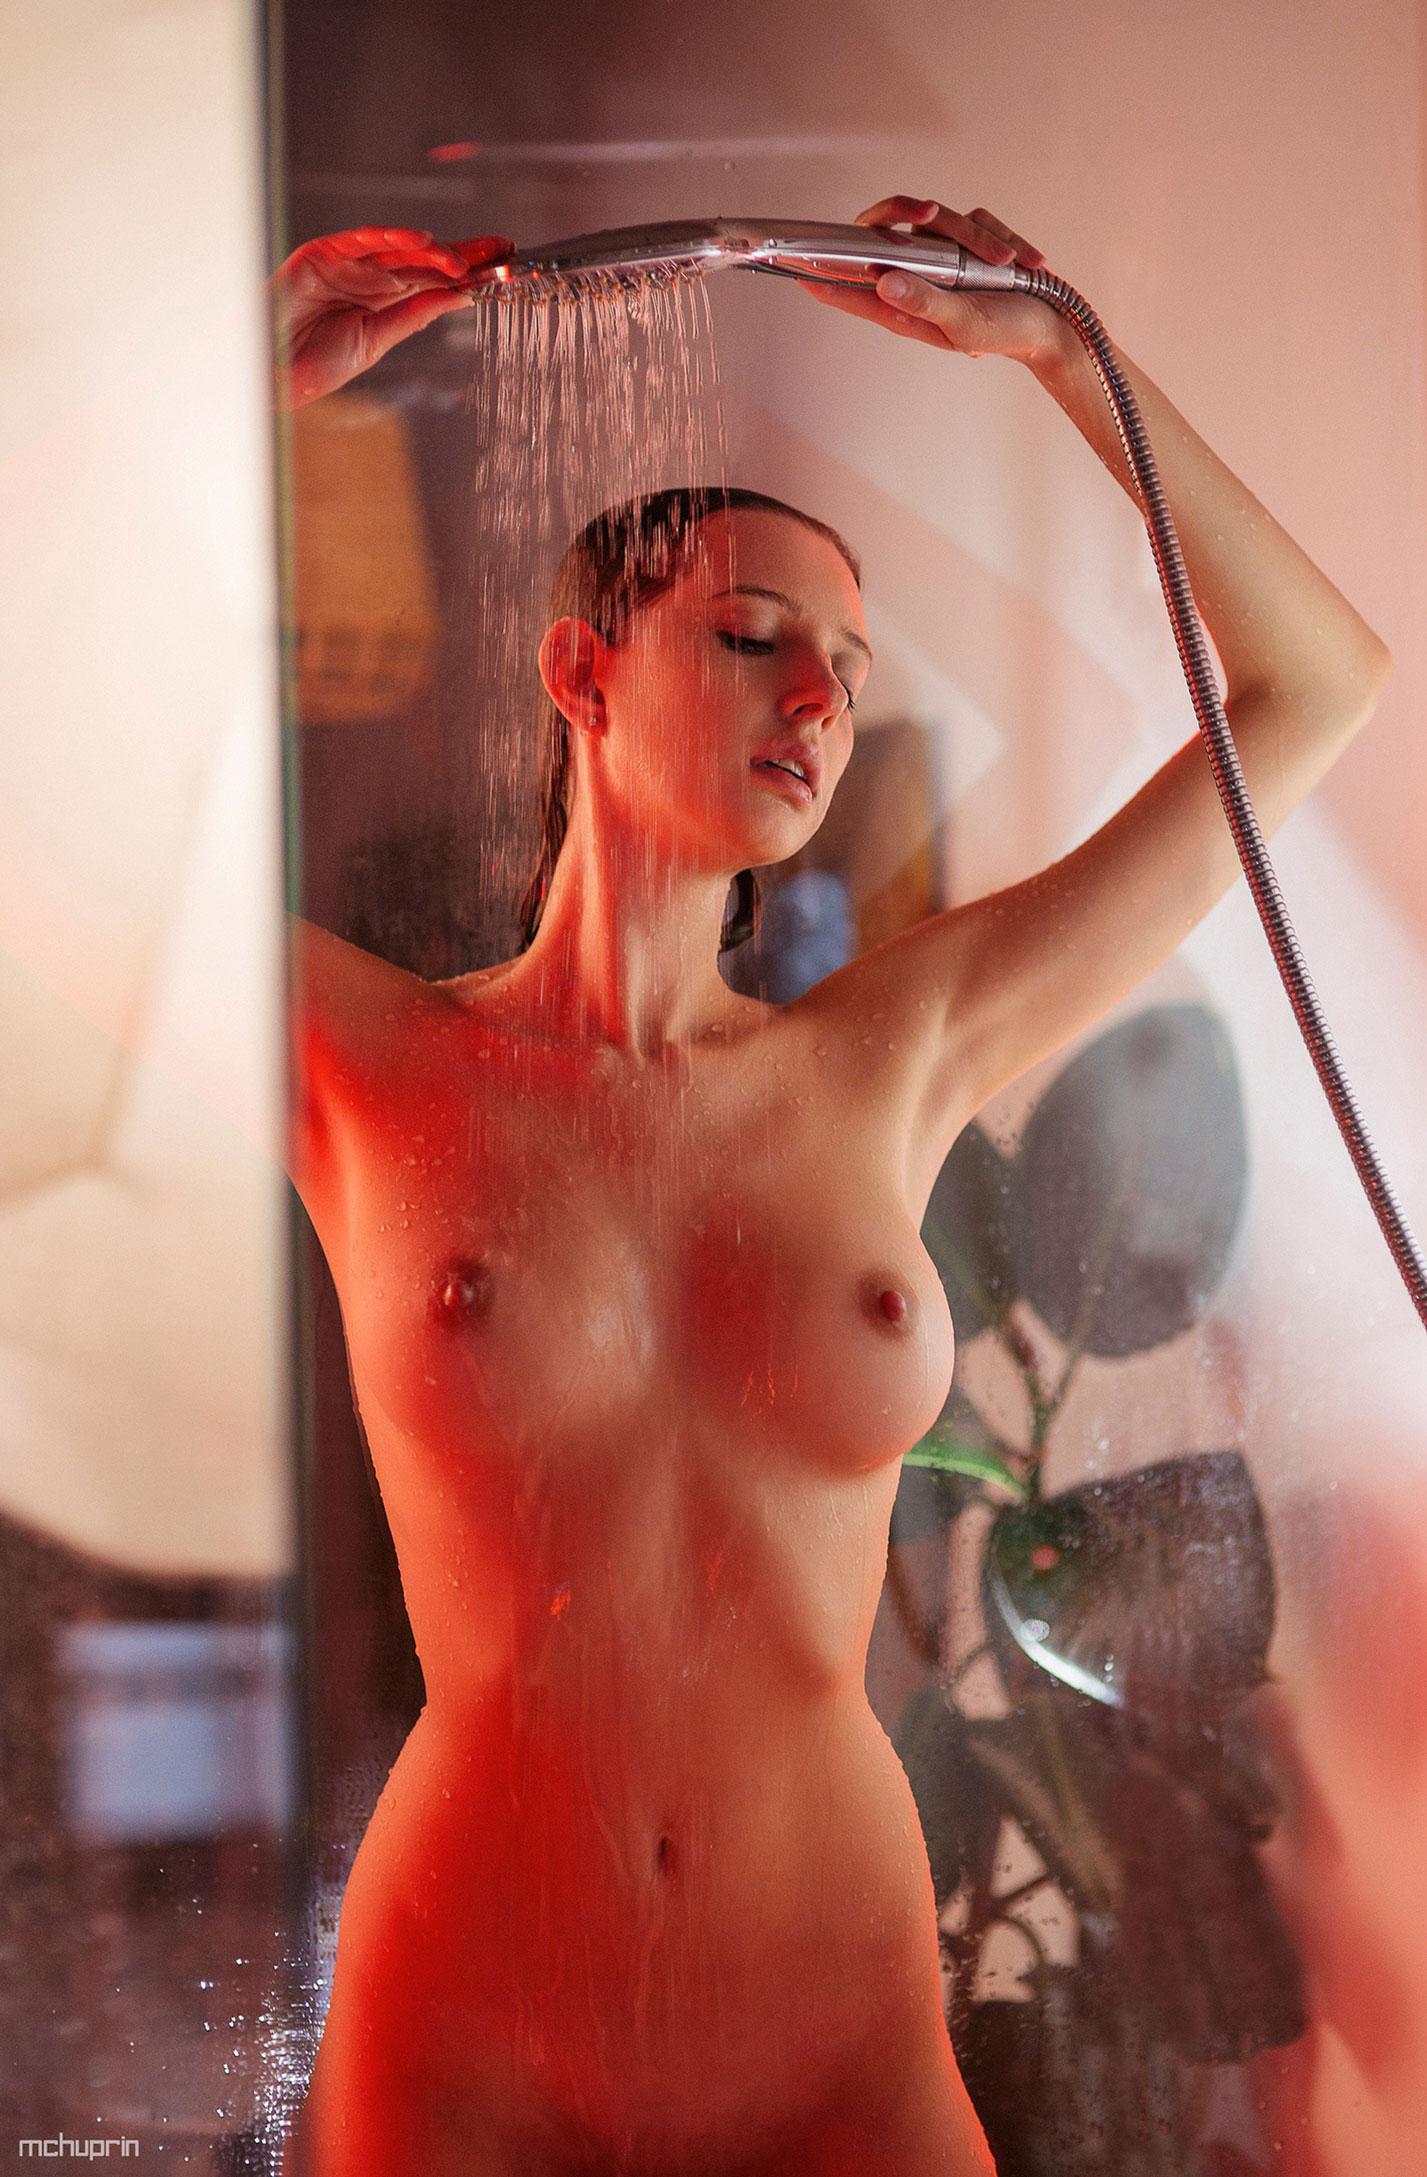 Катерина Райх принимает душ, под светом красных ламп / фото 12